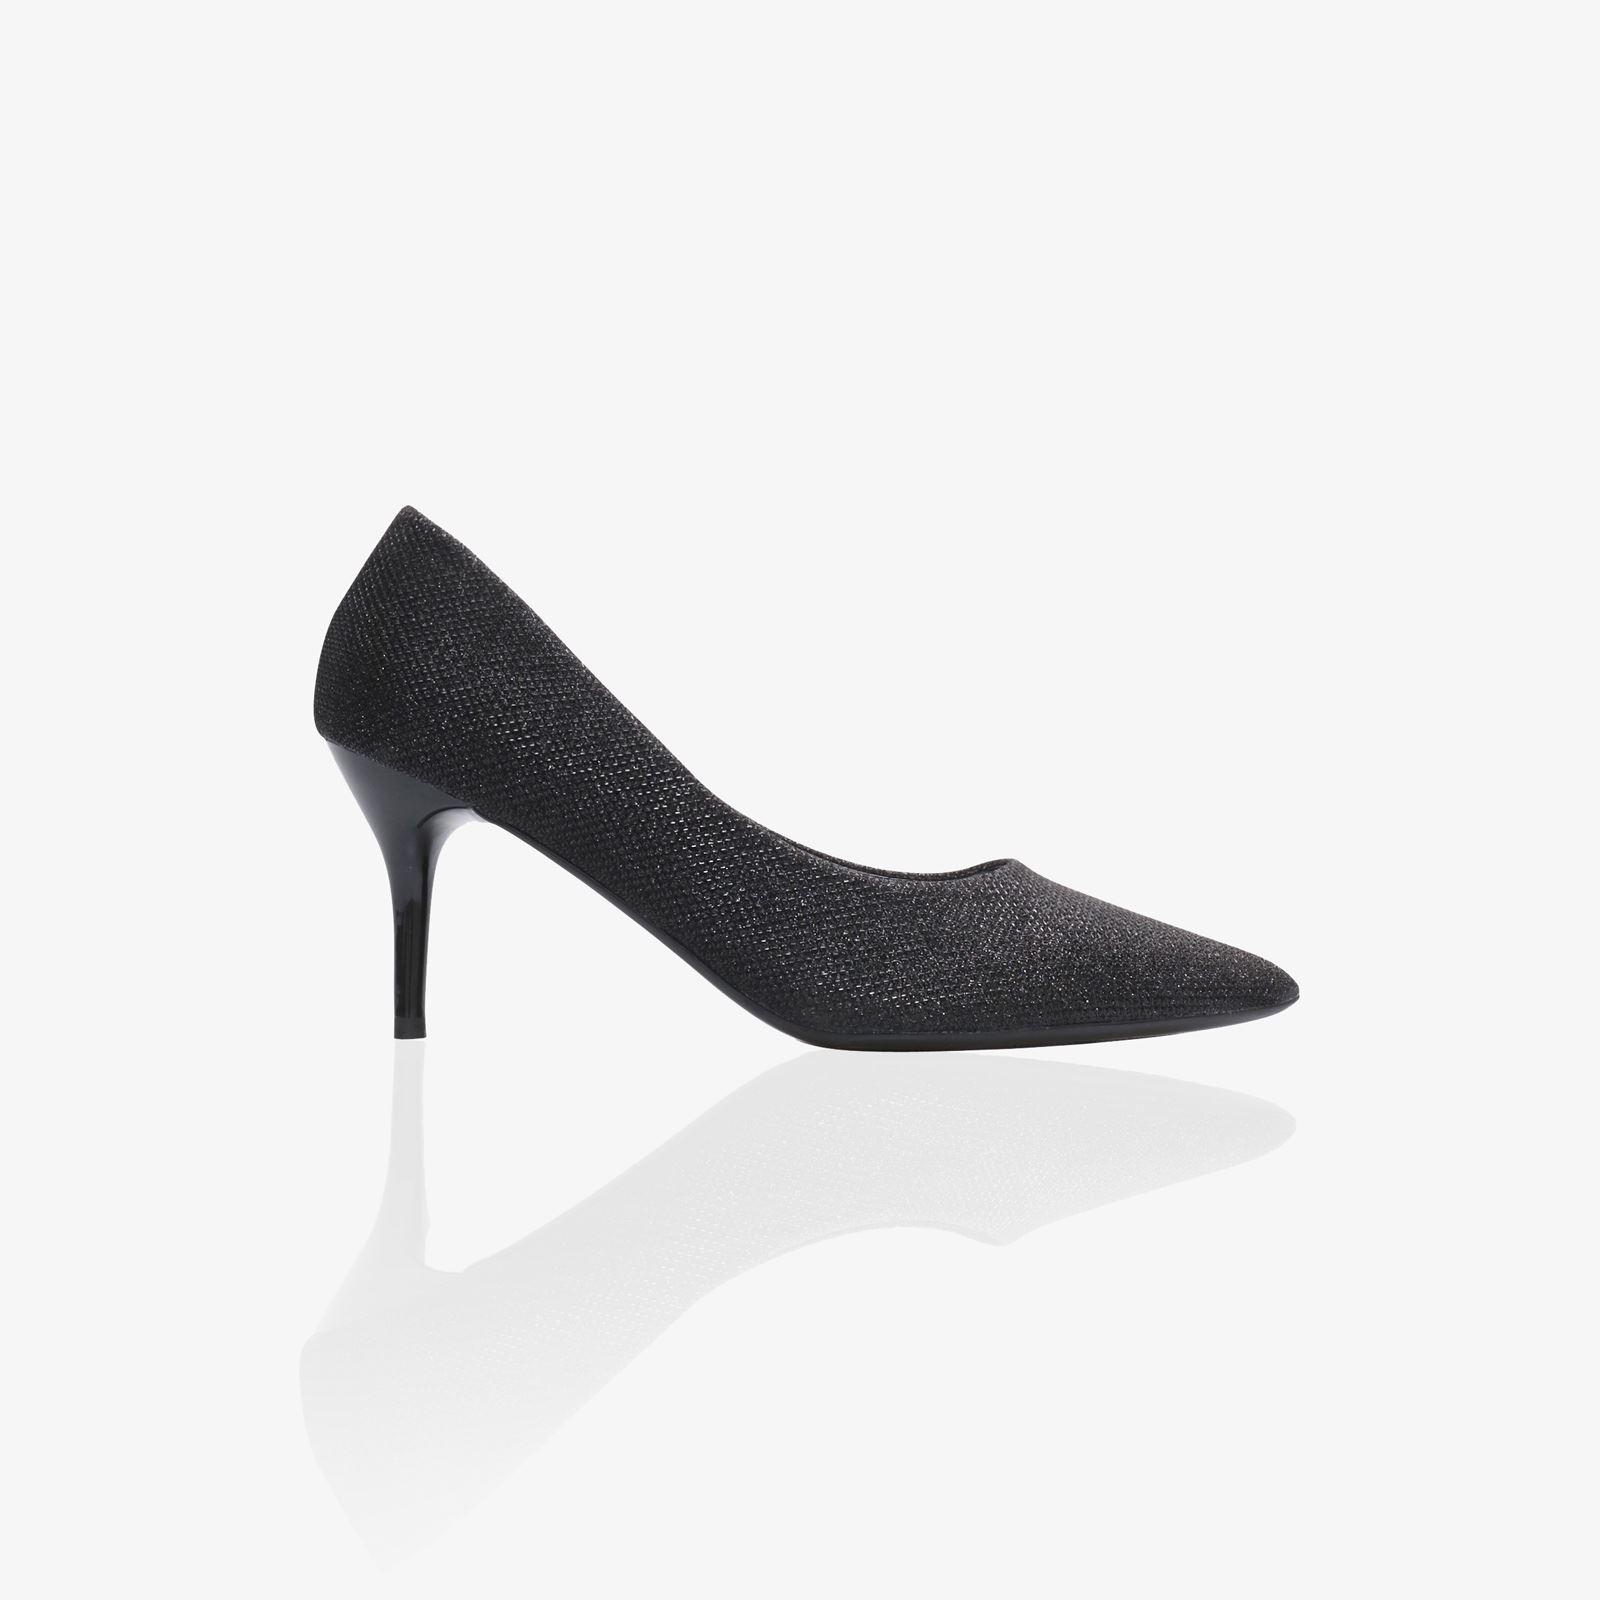 027ec282a4f Women Glitter Pointed Kitten Heels Ladies Low Mid Heel Court Shoes ...